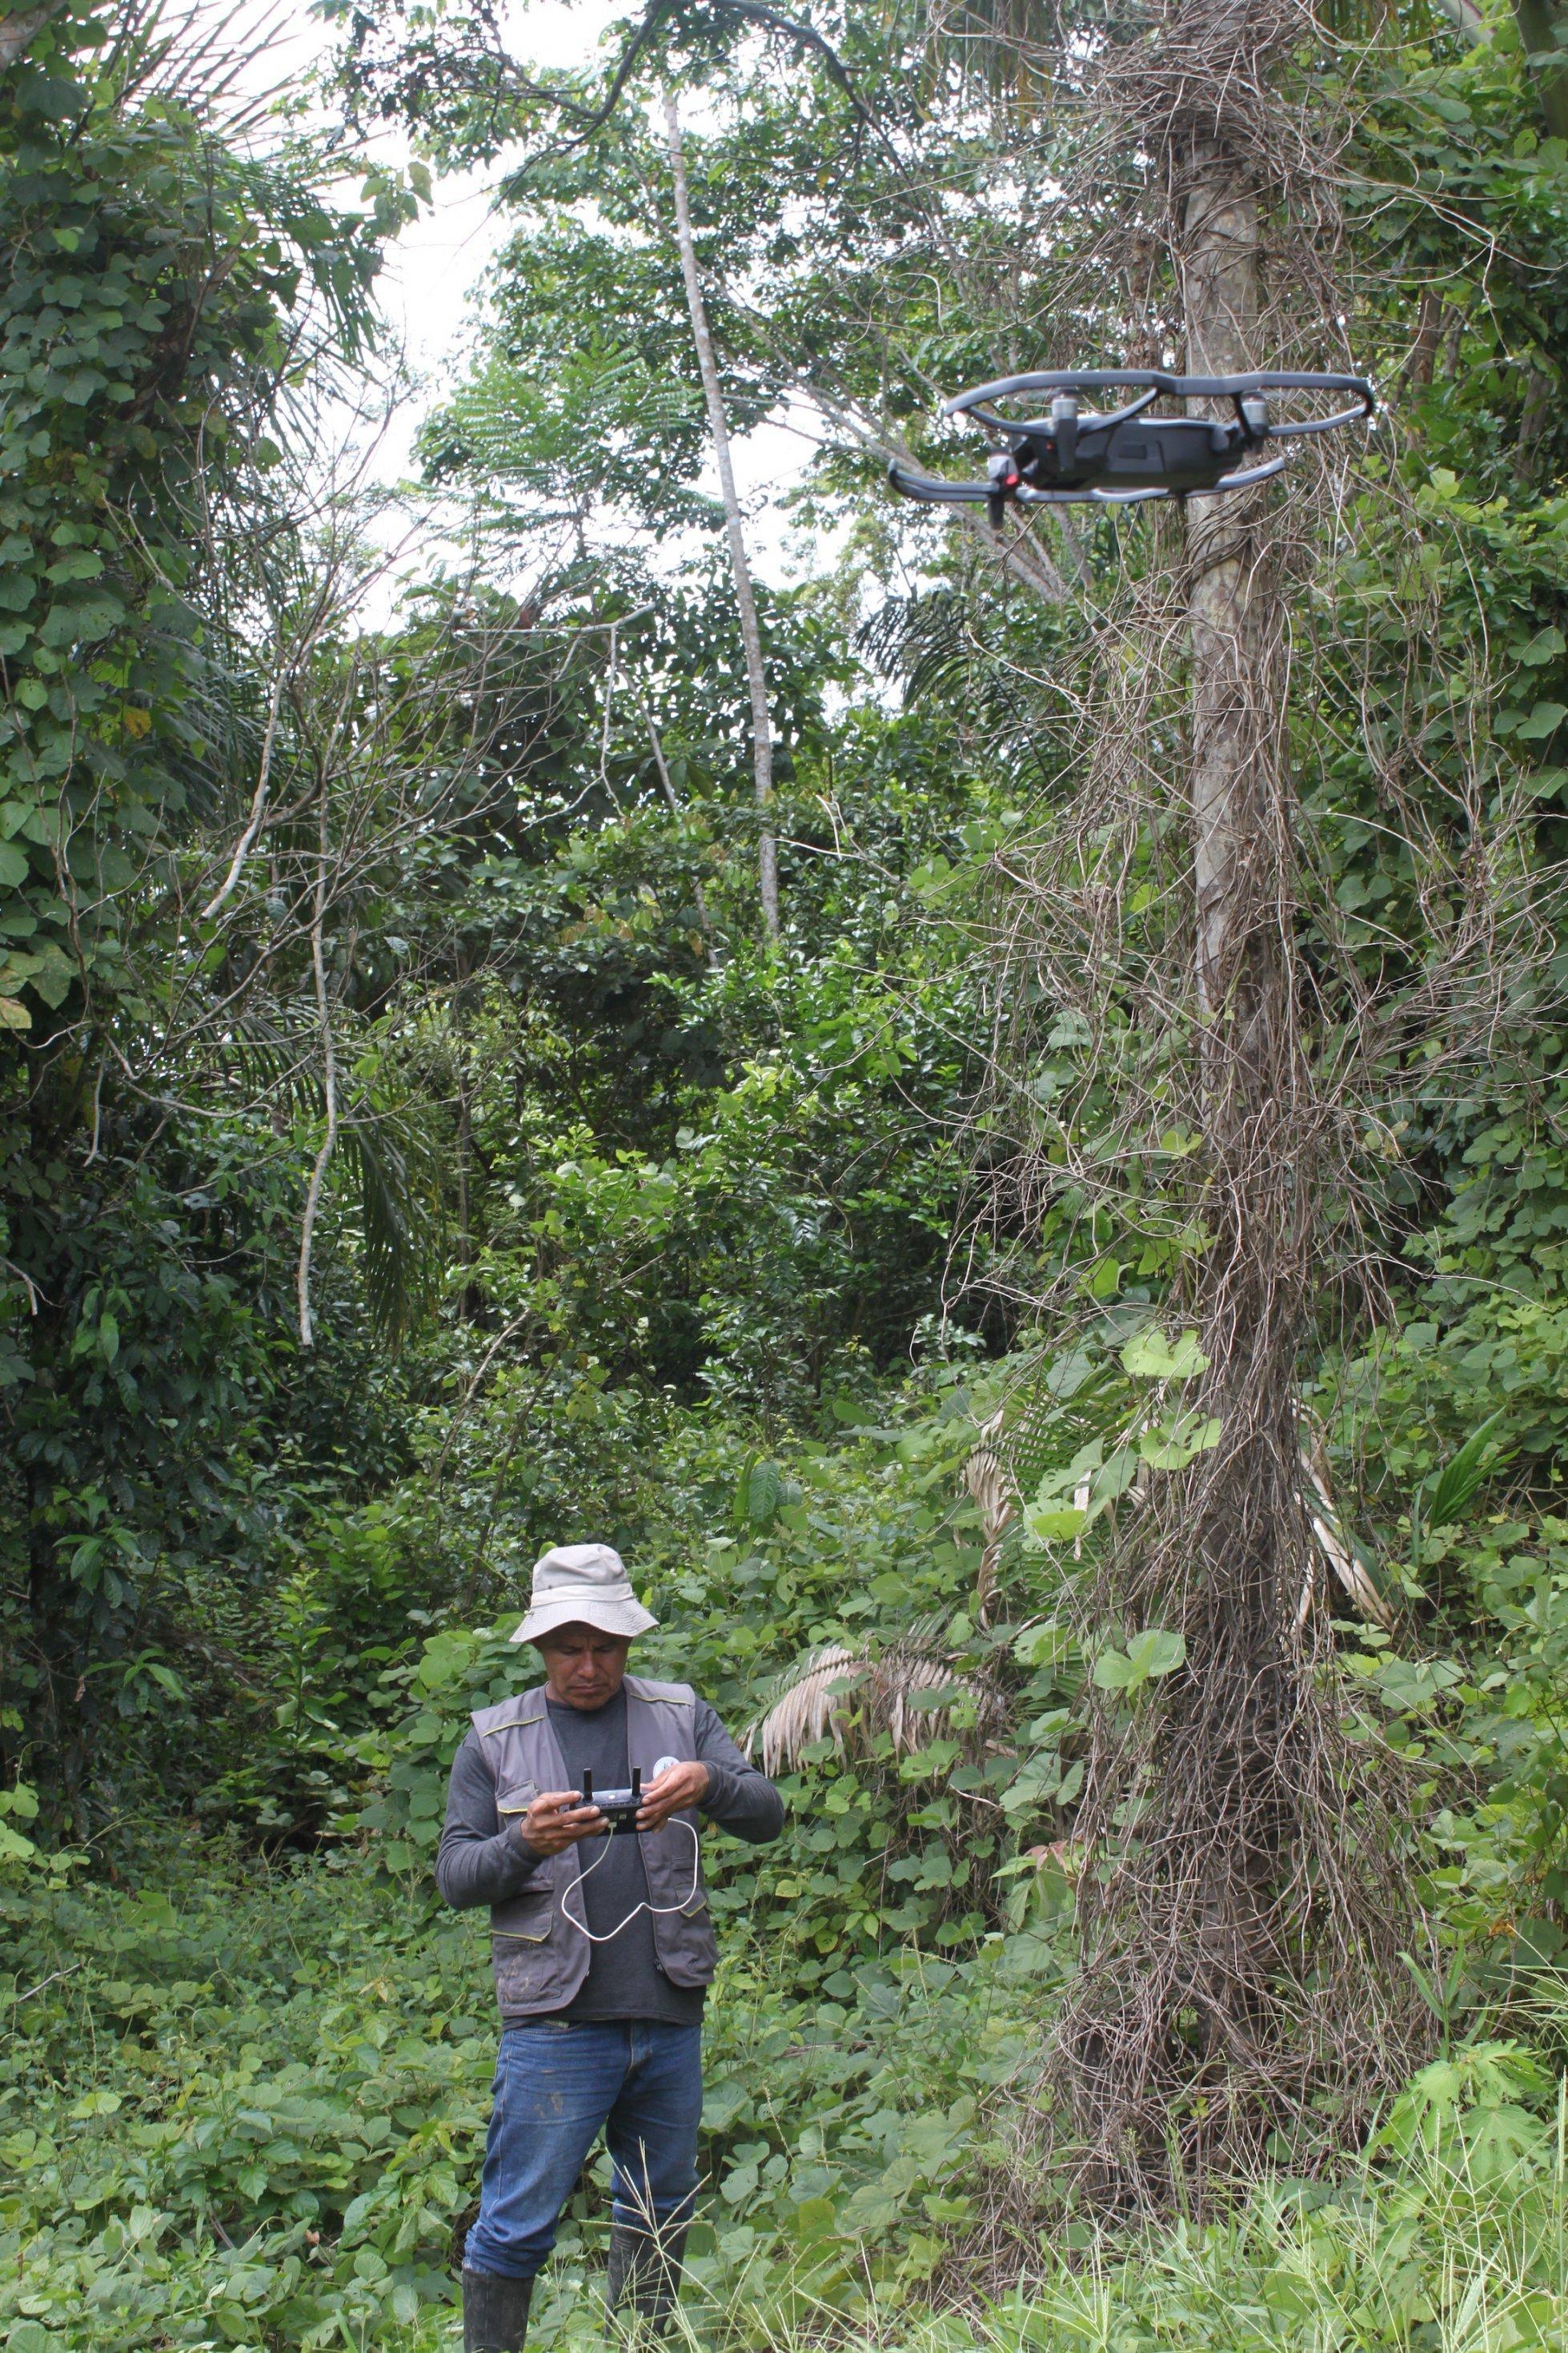 Ein Mann mit Trapperjacke und Hut bedient eine Drohne. Der Mann steht inmitten eines Gebüschs, ist von hohen Bäumen und Gebüsch umgeben.